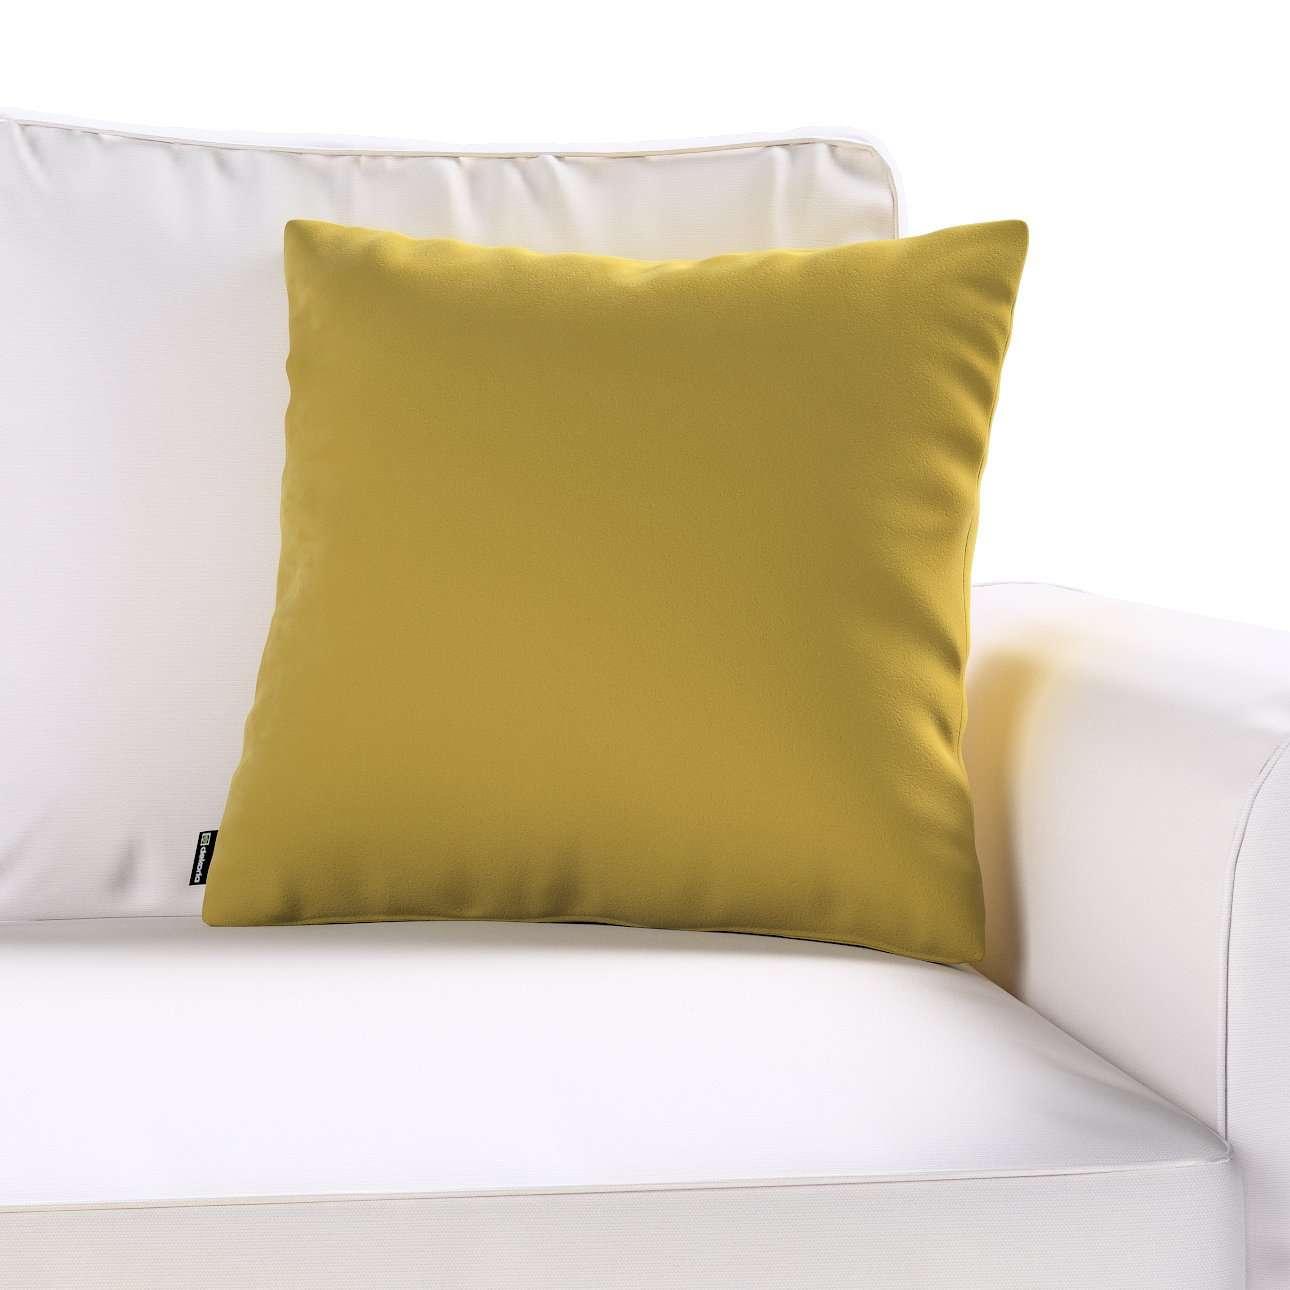 Poszewka Kinga na poduszkę w kolekcji Velvet, tkanina: 704-27